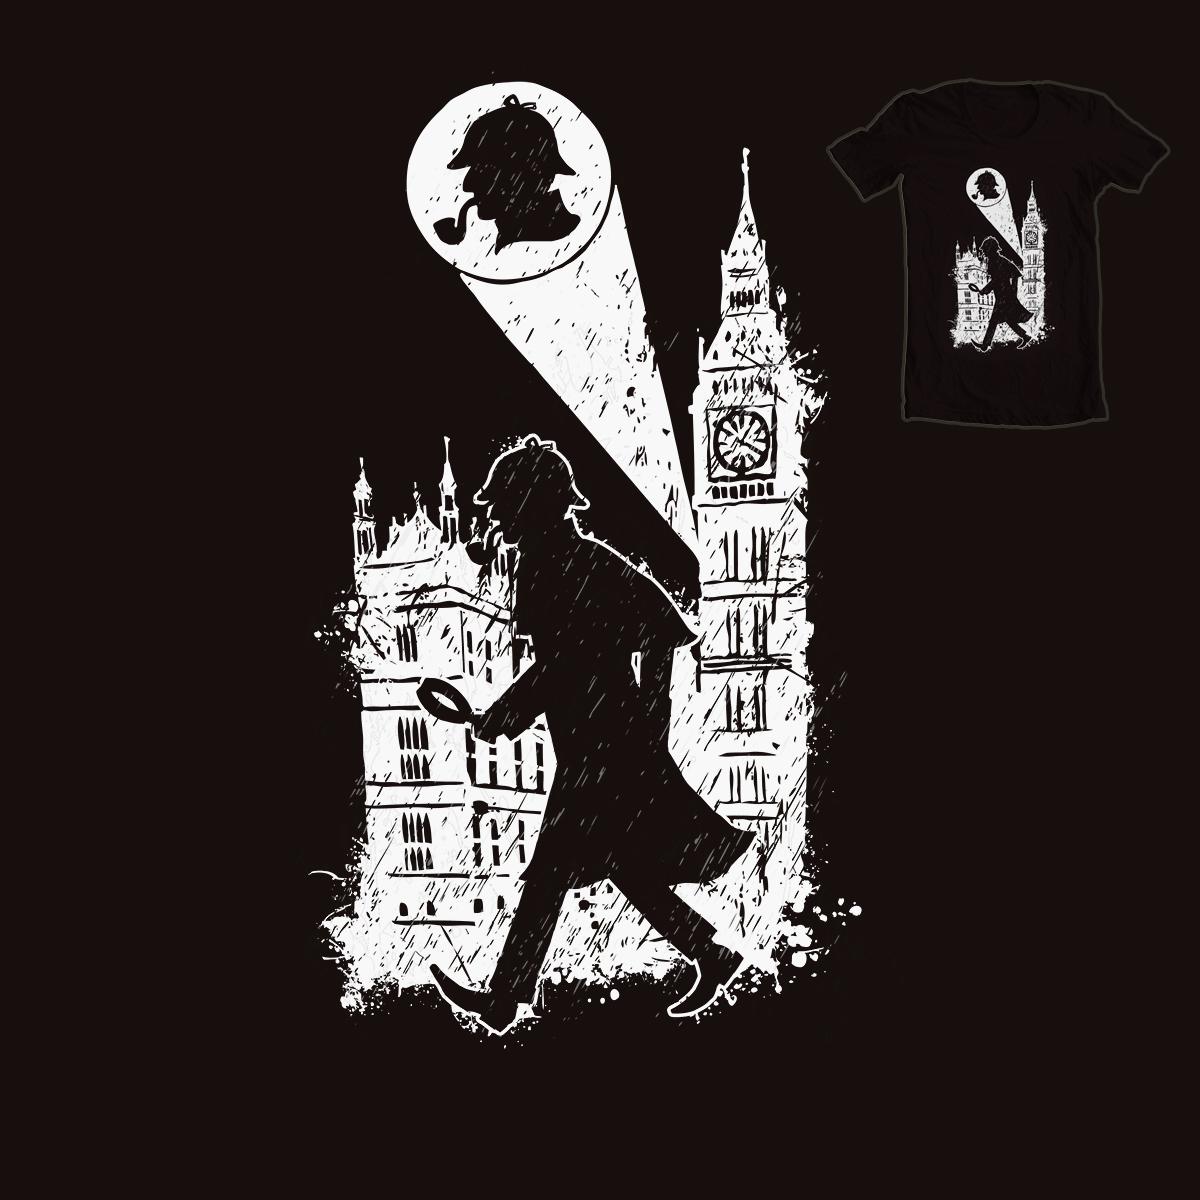 Sherlock Holmes by KONSTANTIN BRATISHKO on Threadless